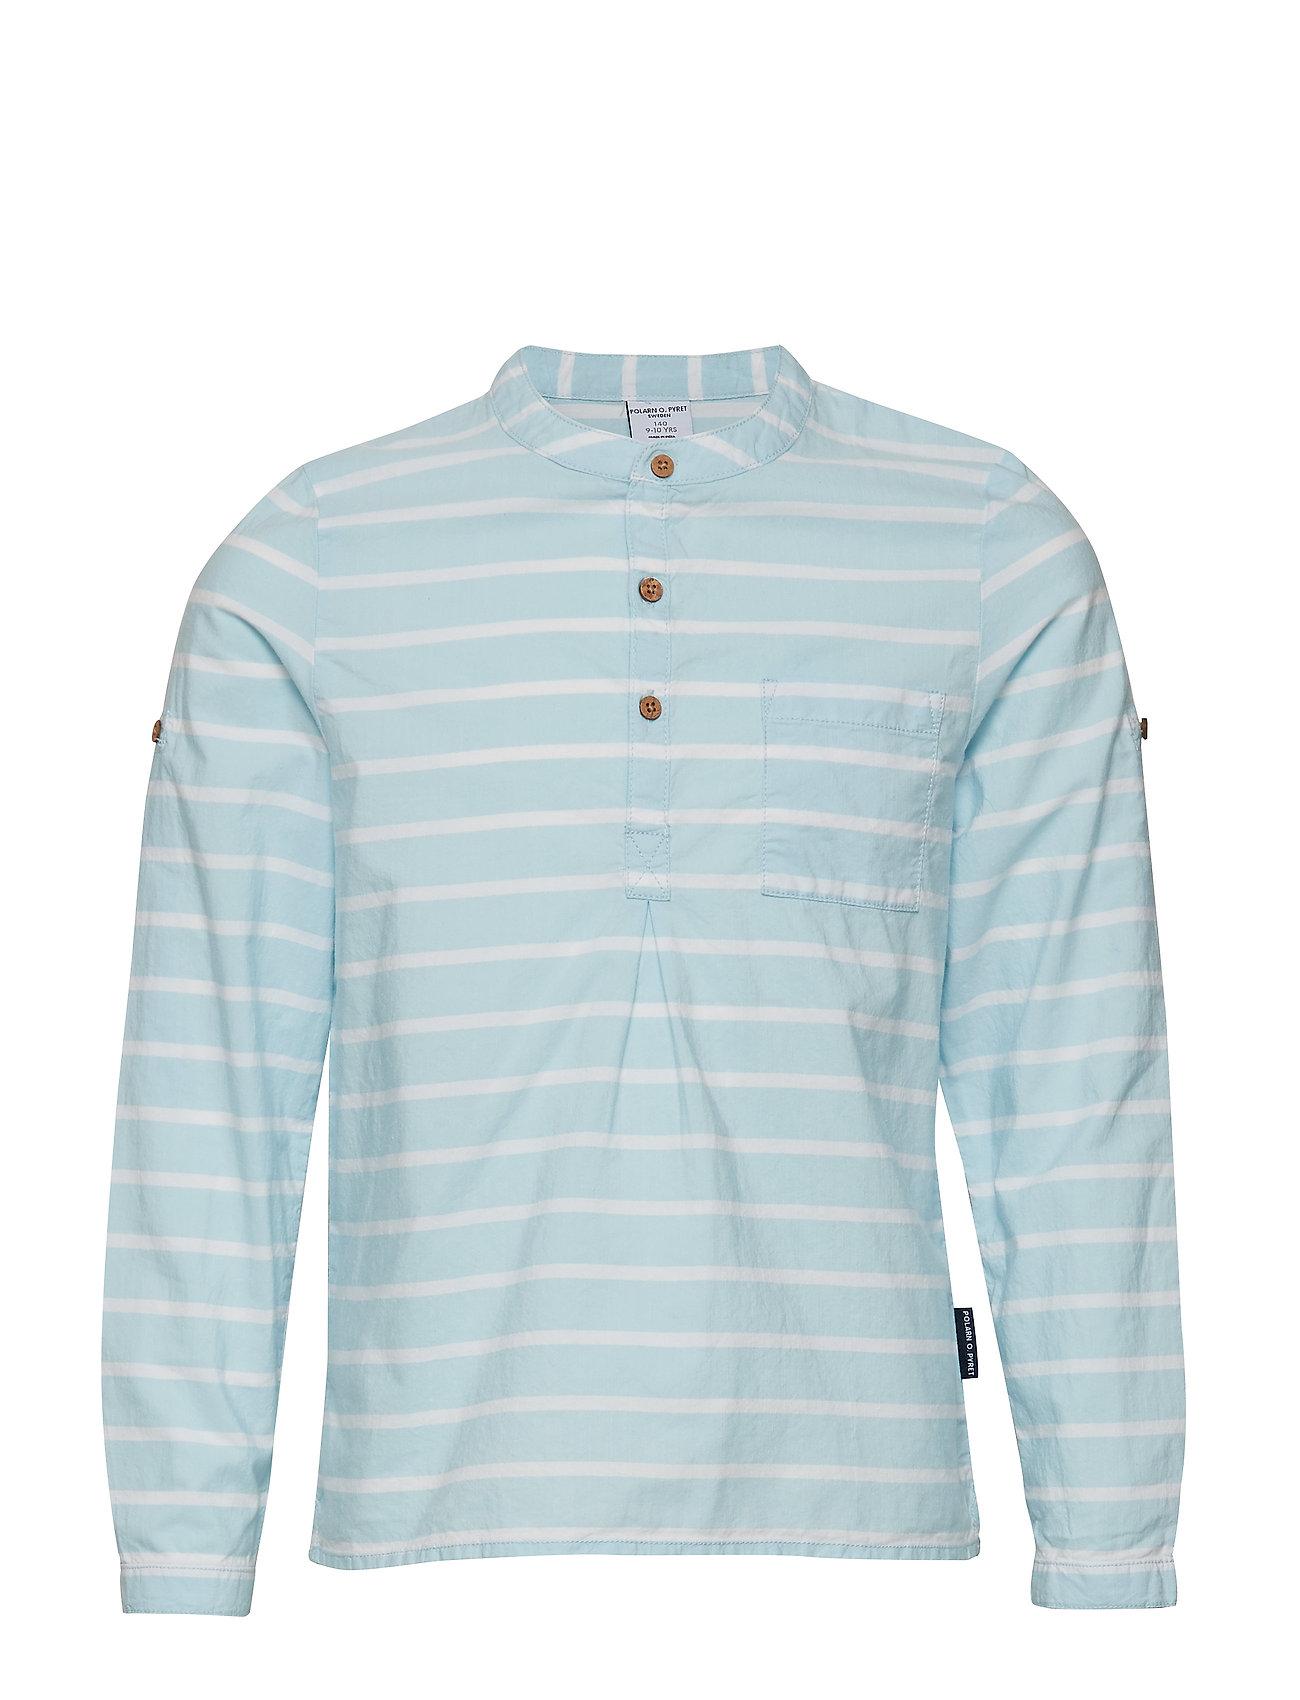 Polarn O. Pyret Shirt S/S woven School